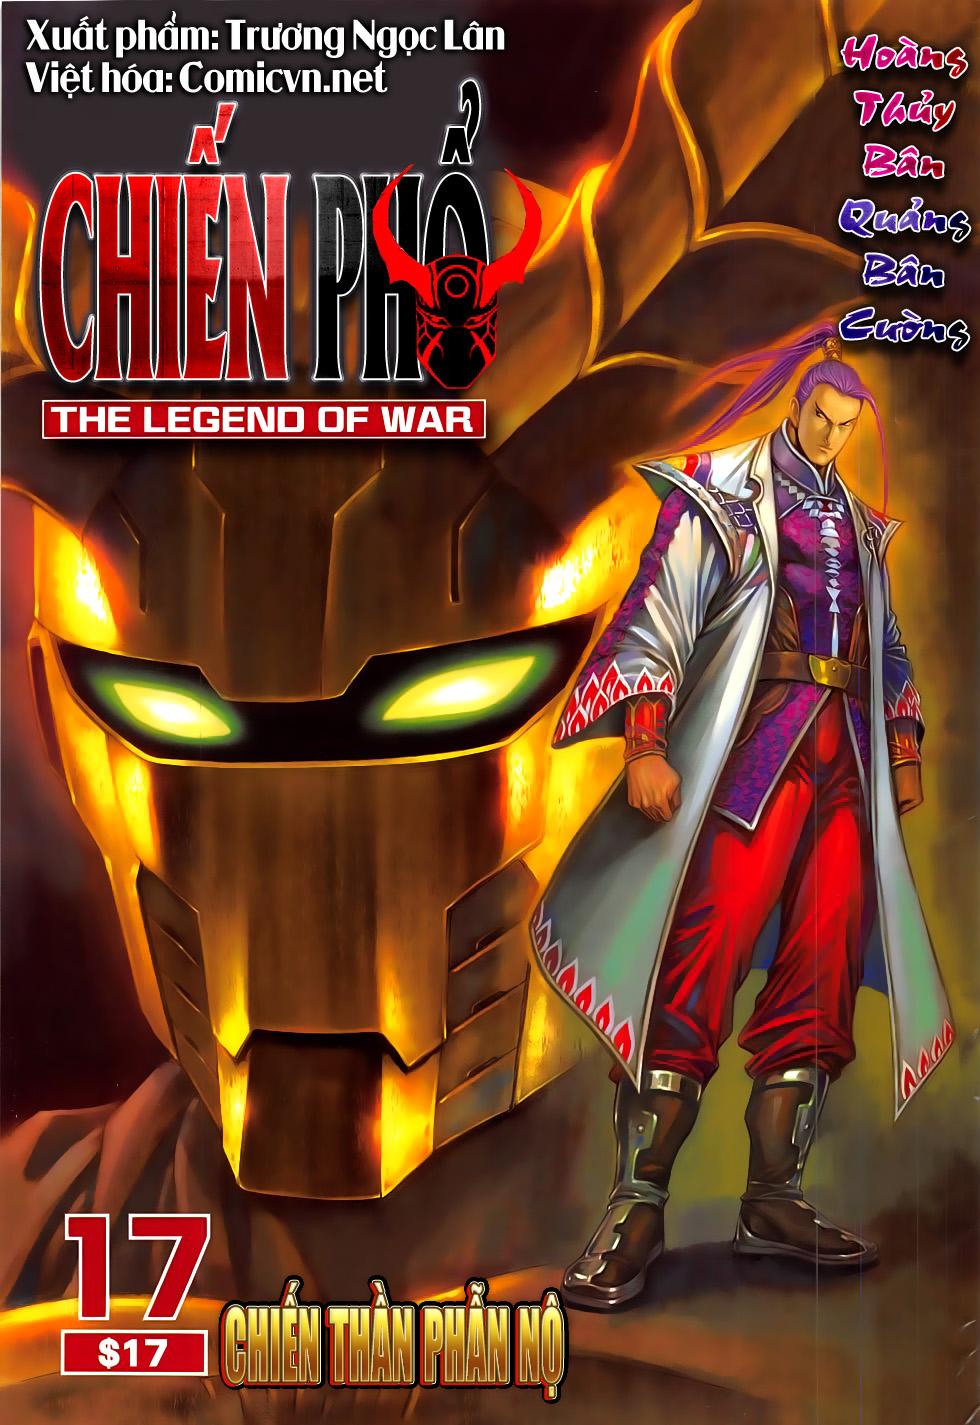 Chiến Phổ chapter 17: chiến thần phẫn nộ trang 1